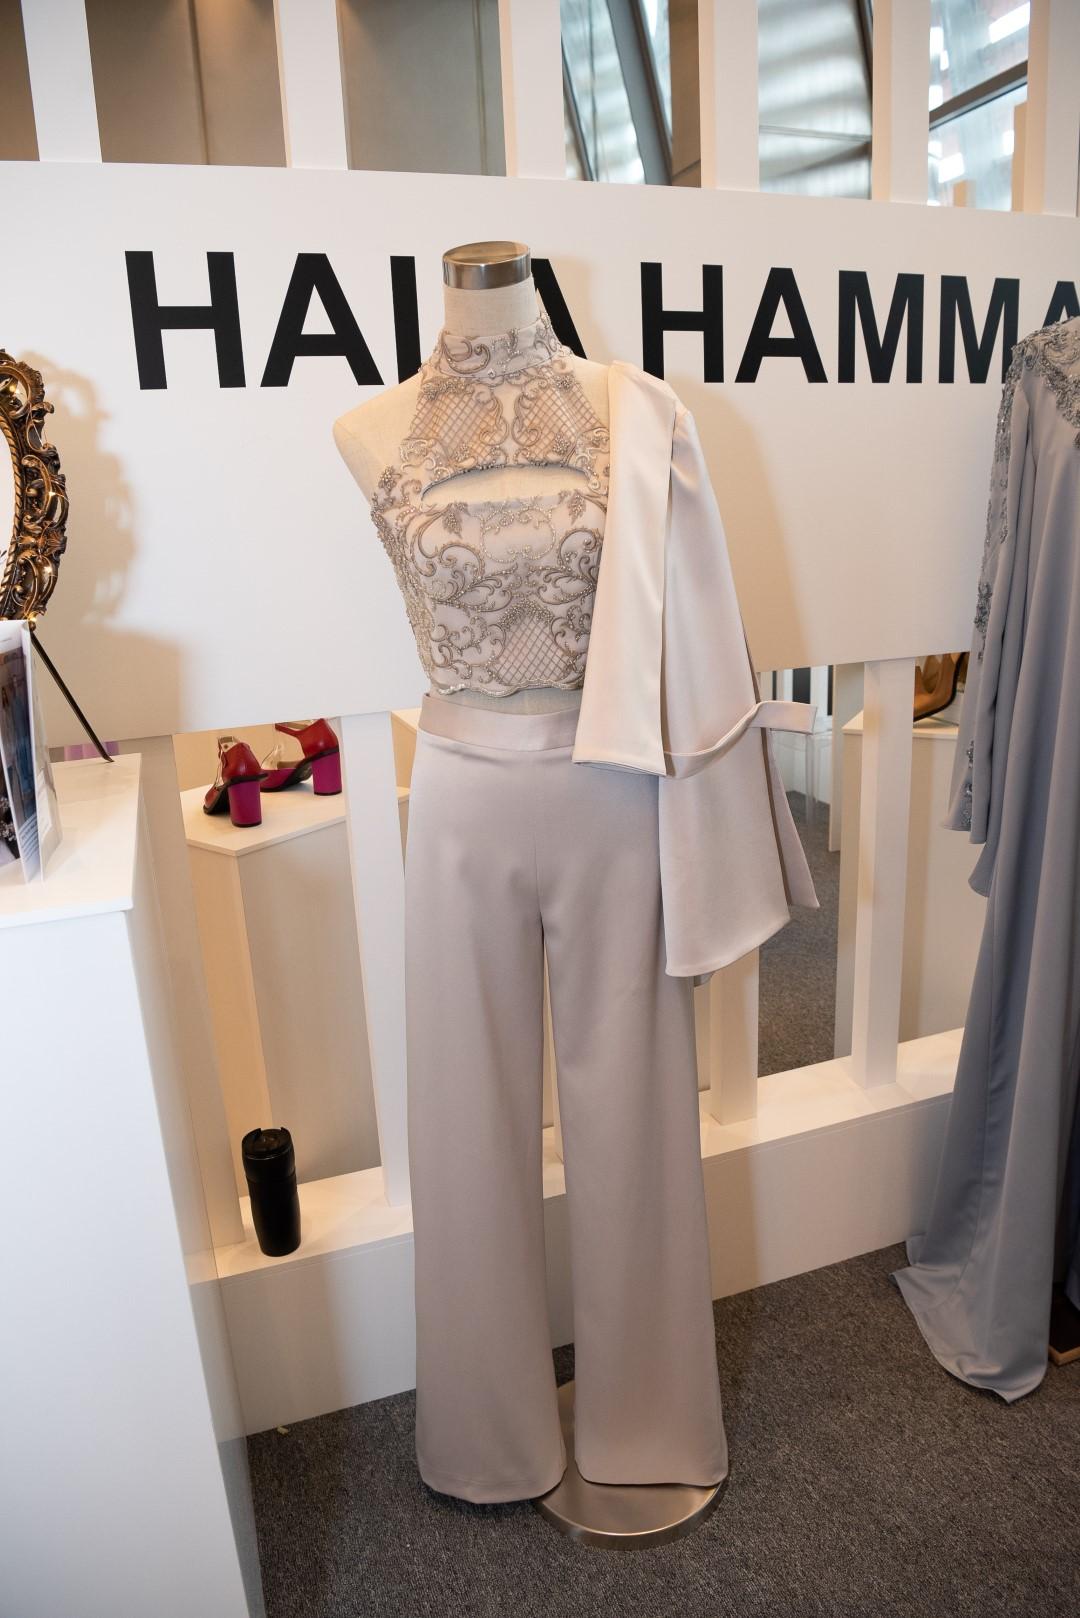 Hala Hammad